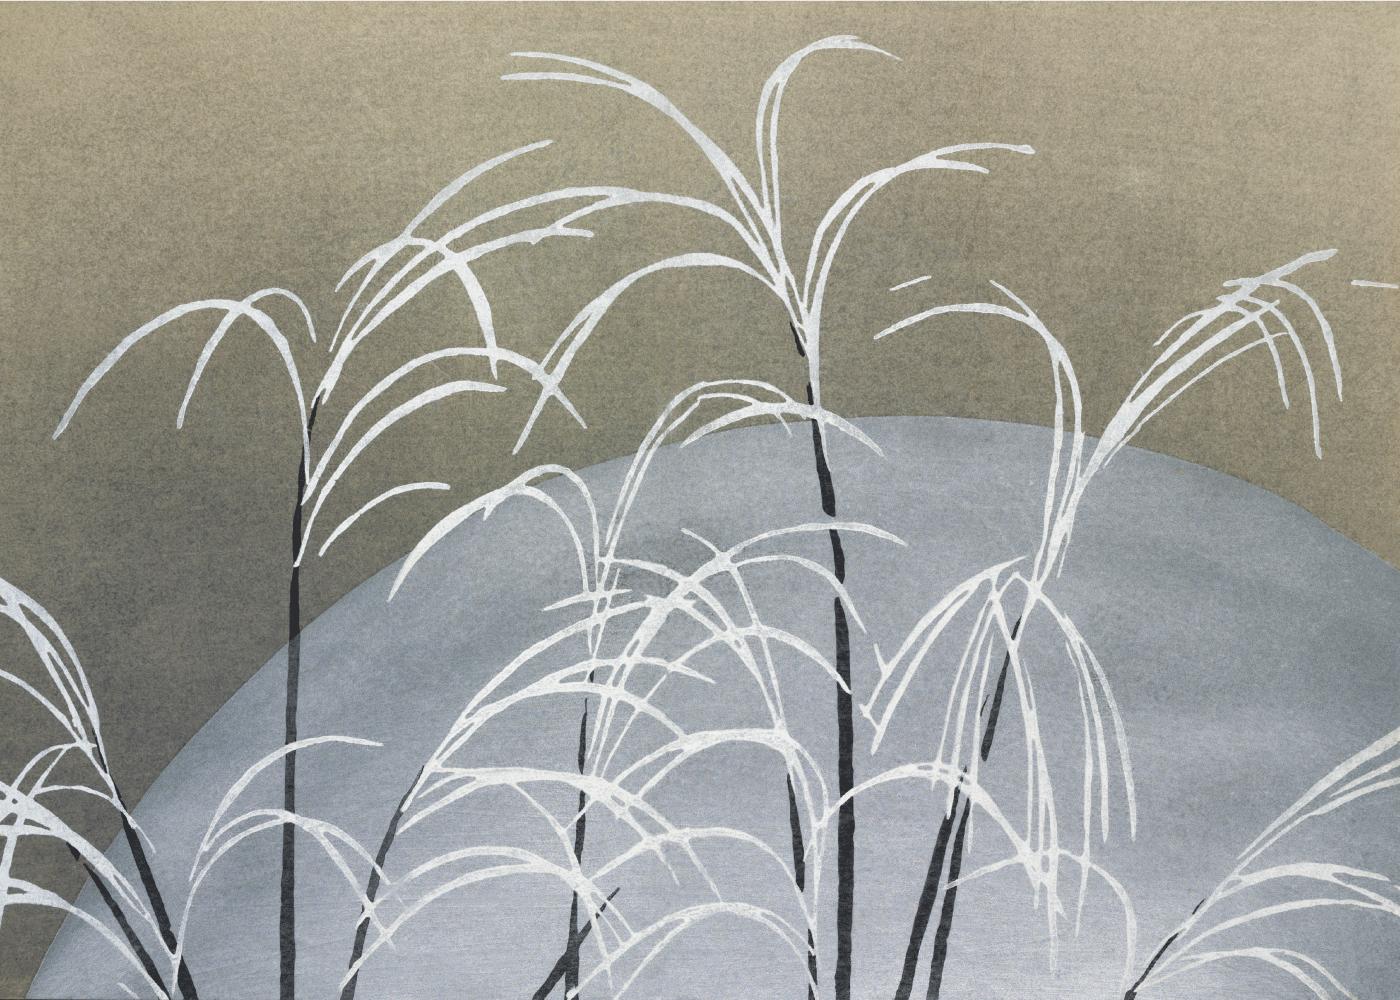 Billede af Reeds - Japansk kunstplakat